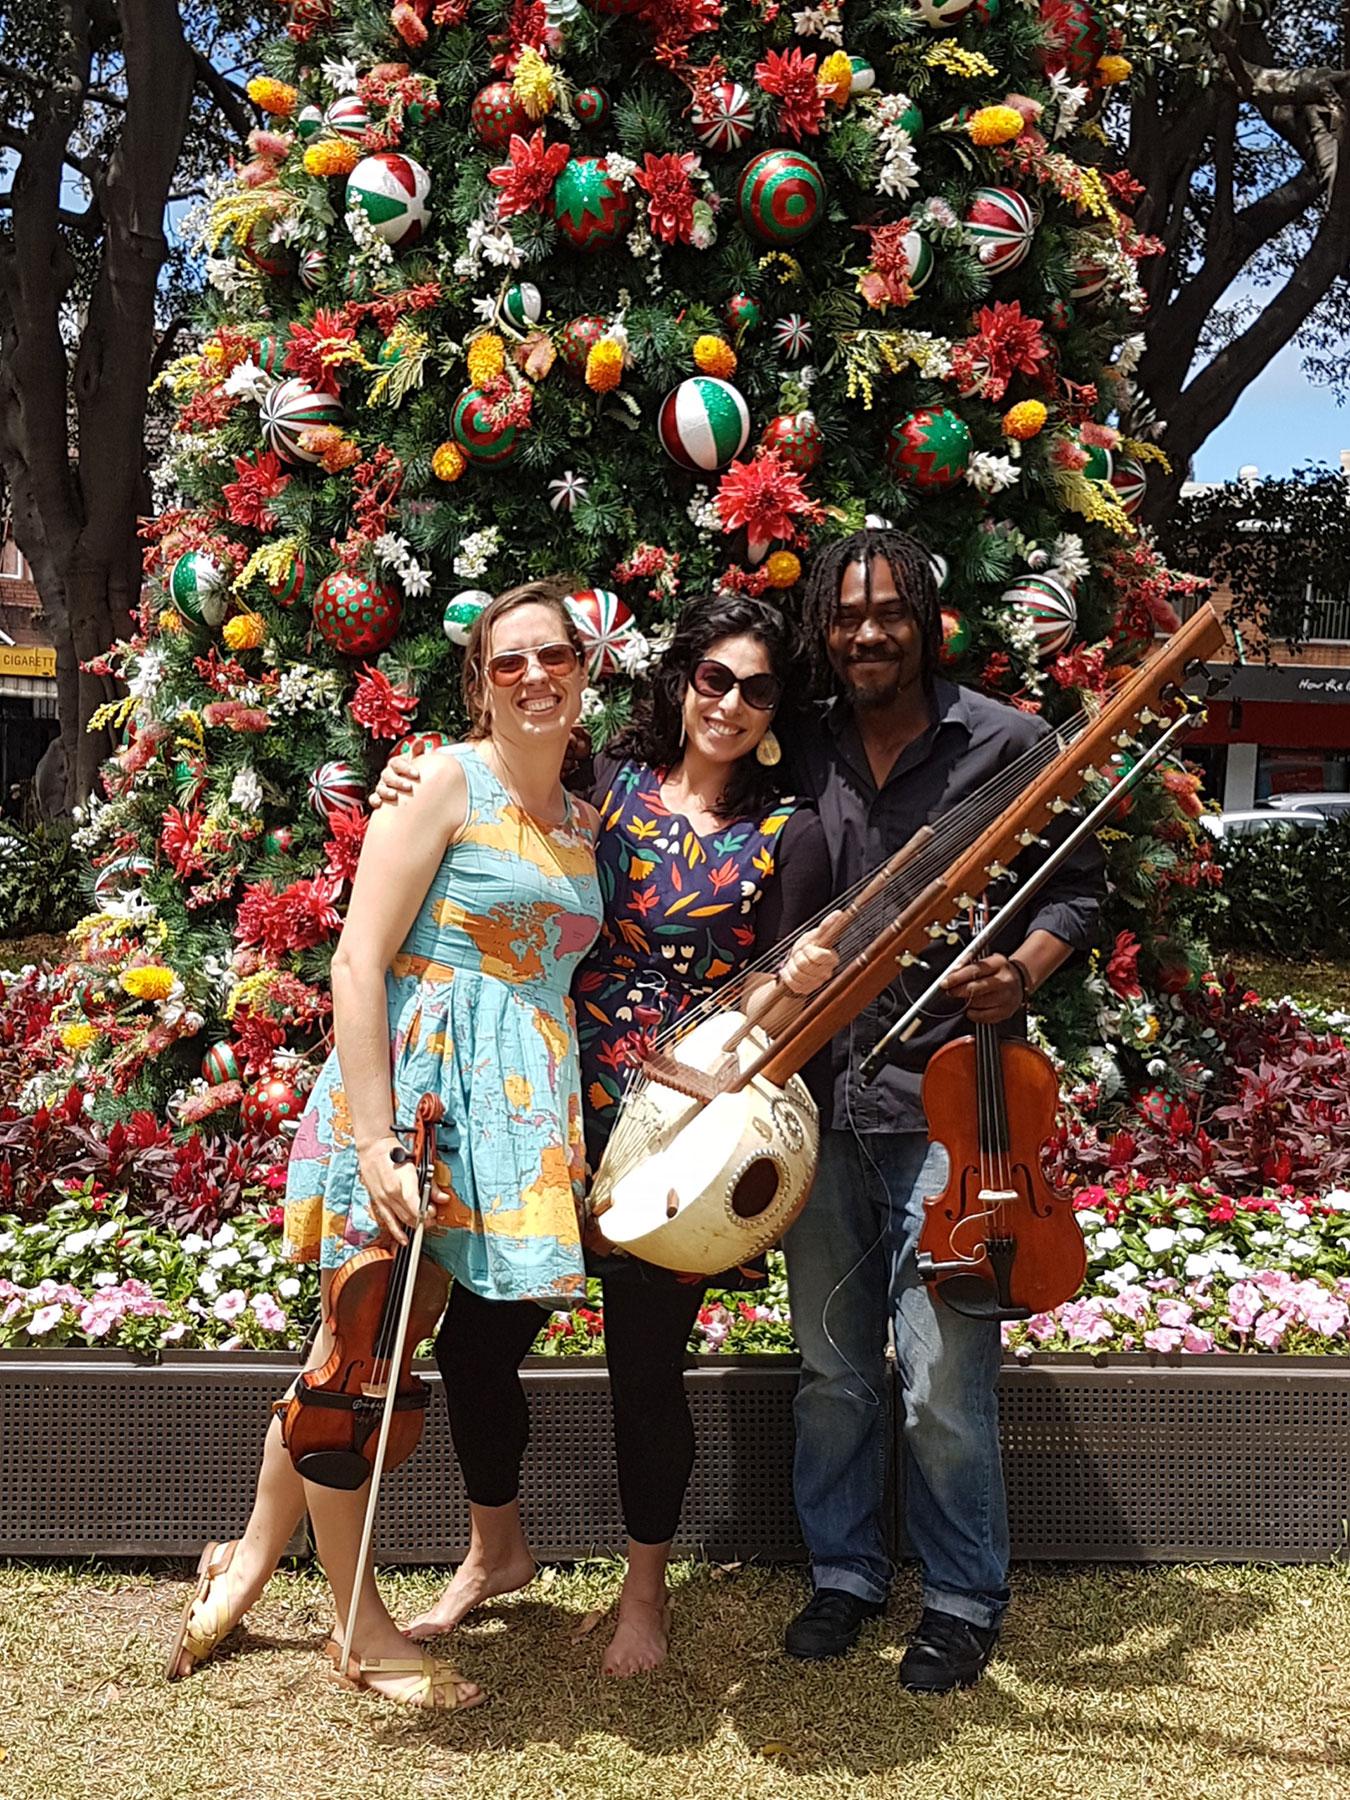 sydney-village-pop-up-music-program-margot-natoli